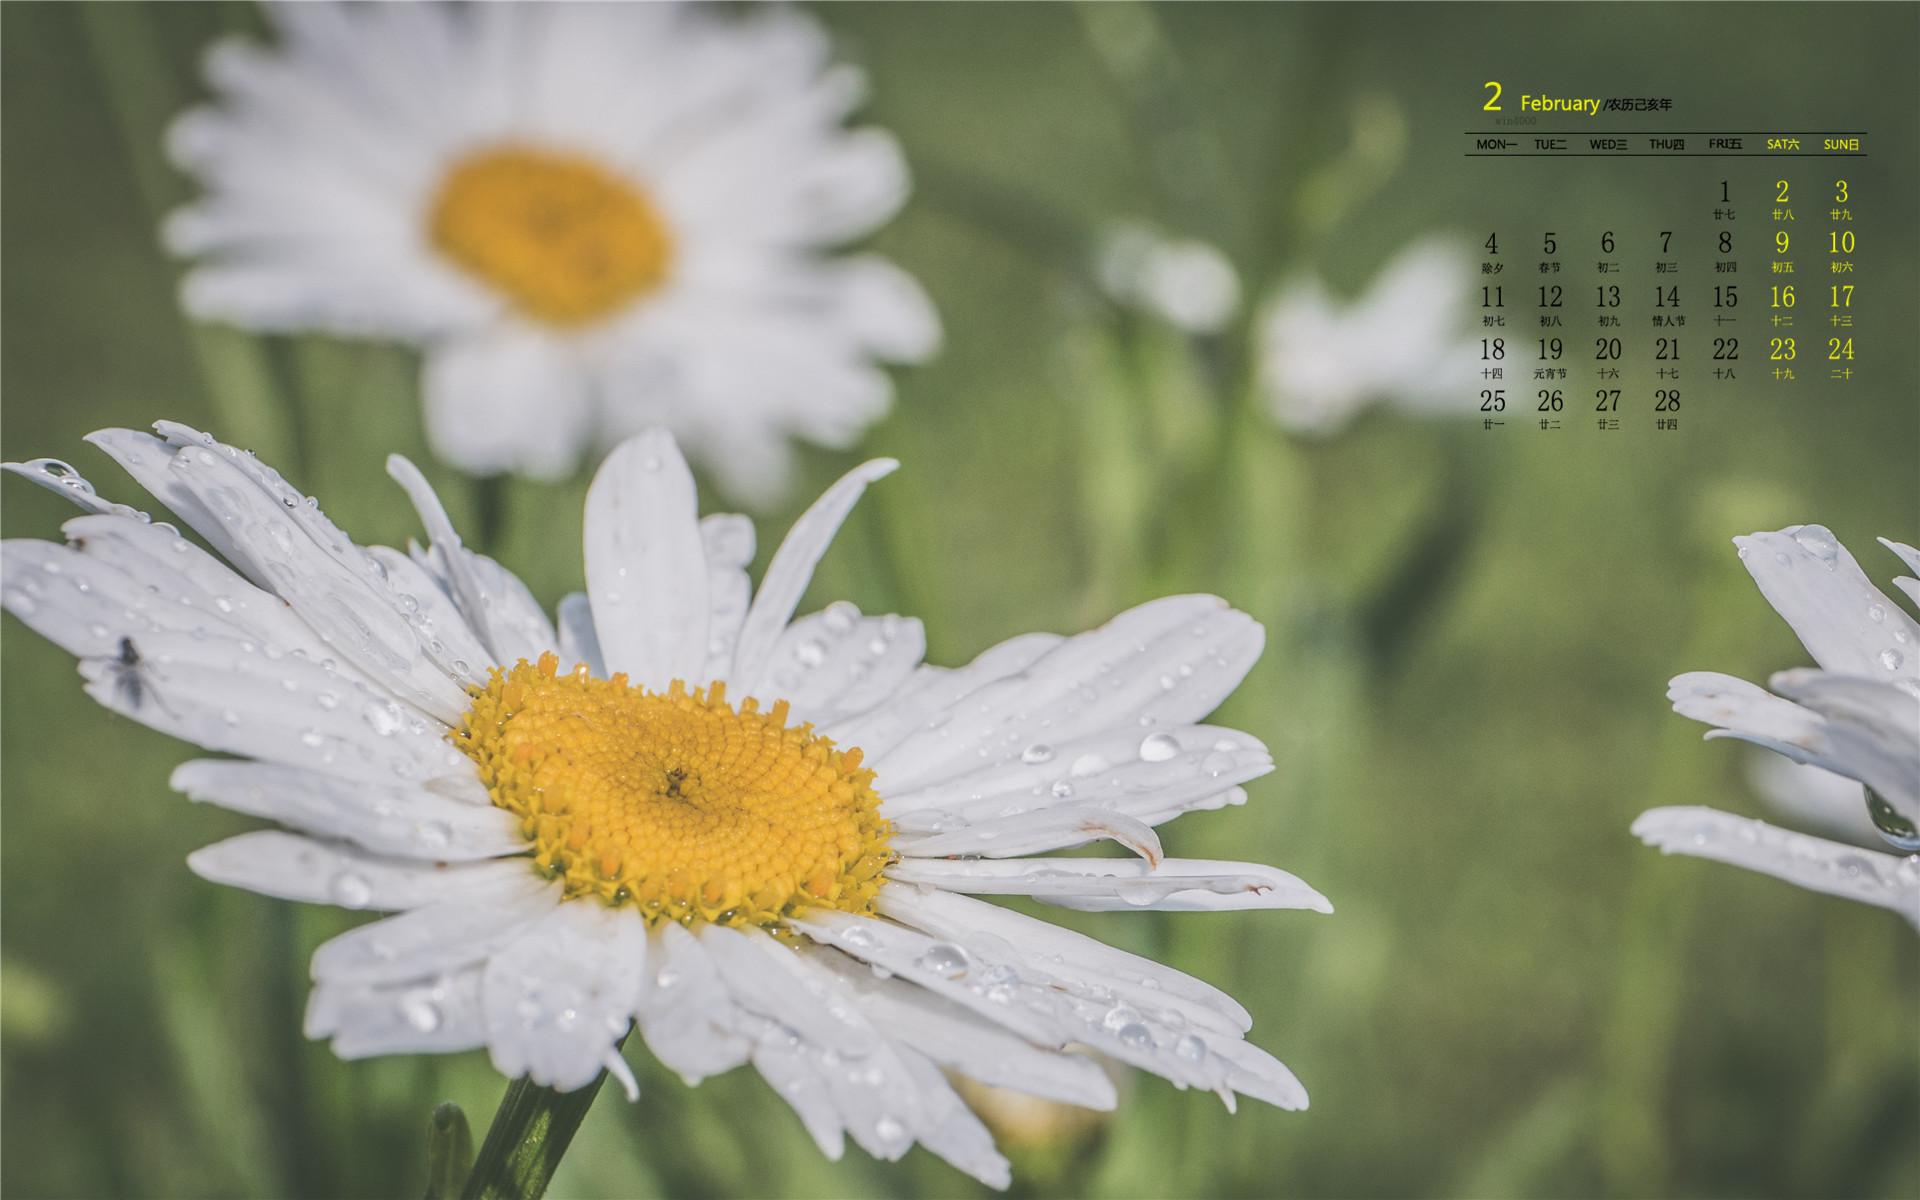 纯净的雏菊花朵高清桌面日历壁纸